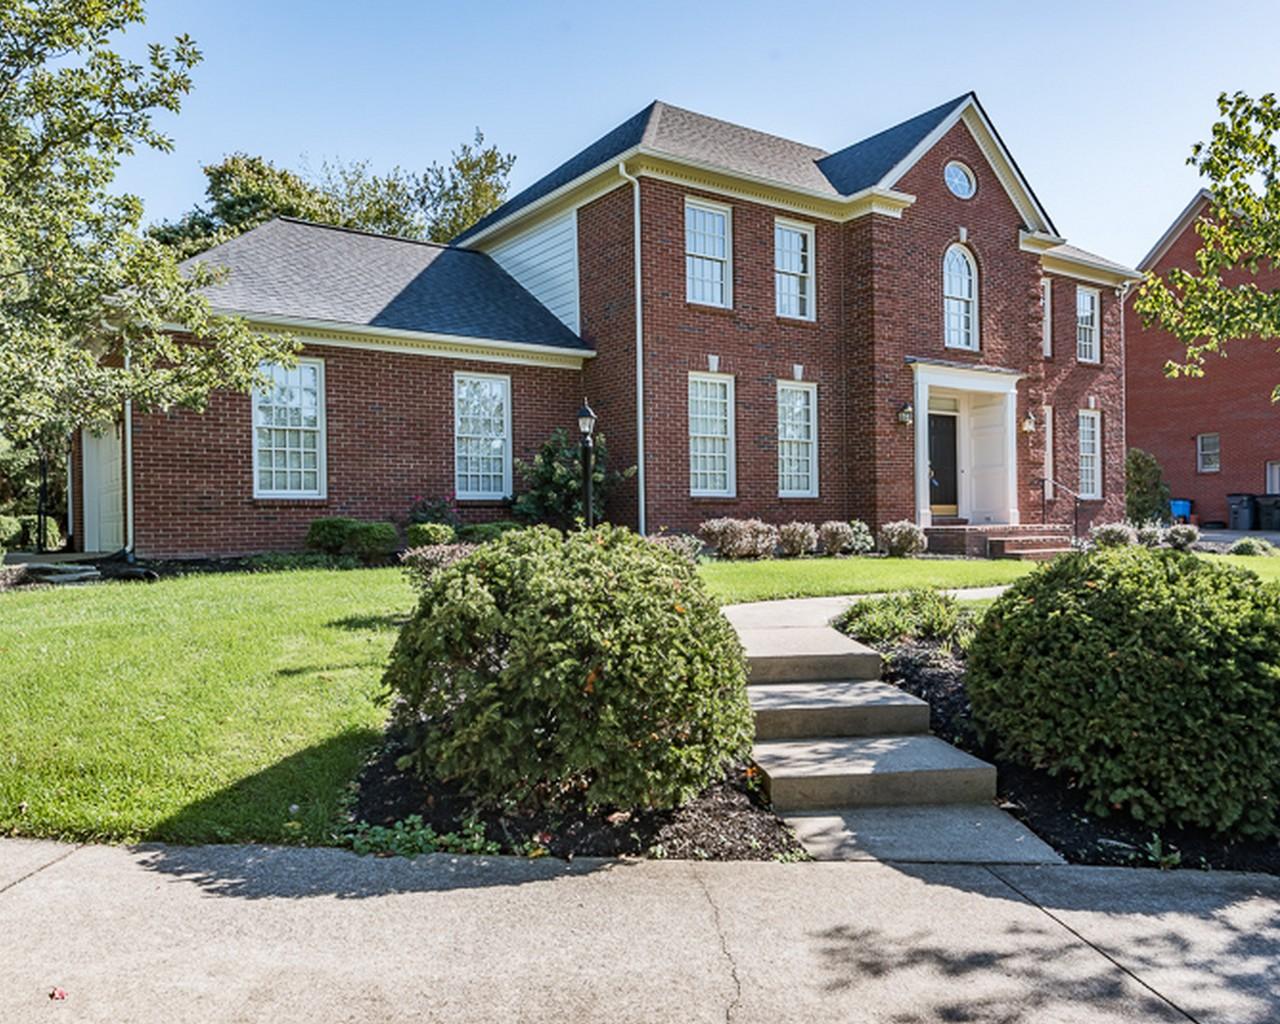 Property For Sale at 3854 Hidden Pond